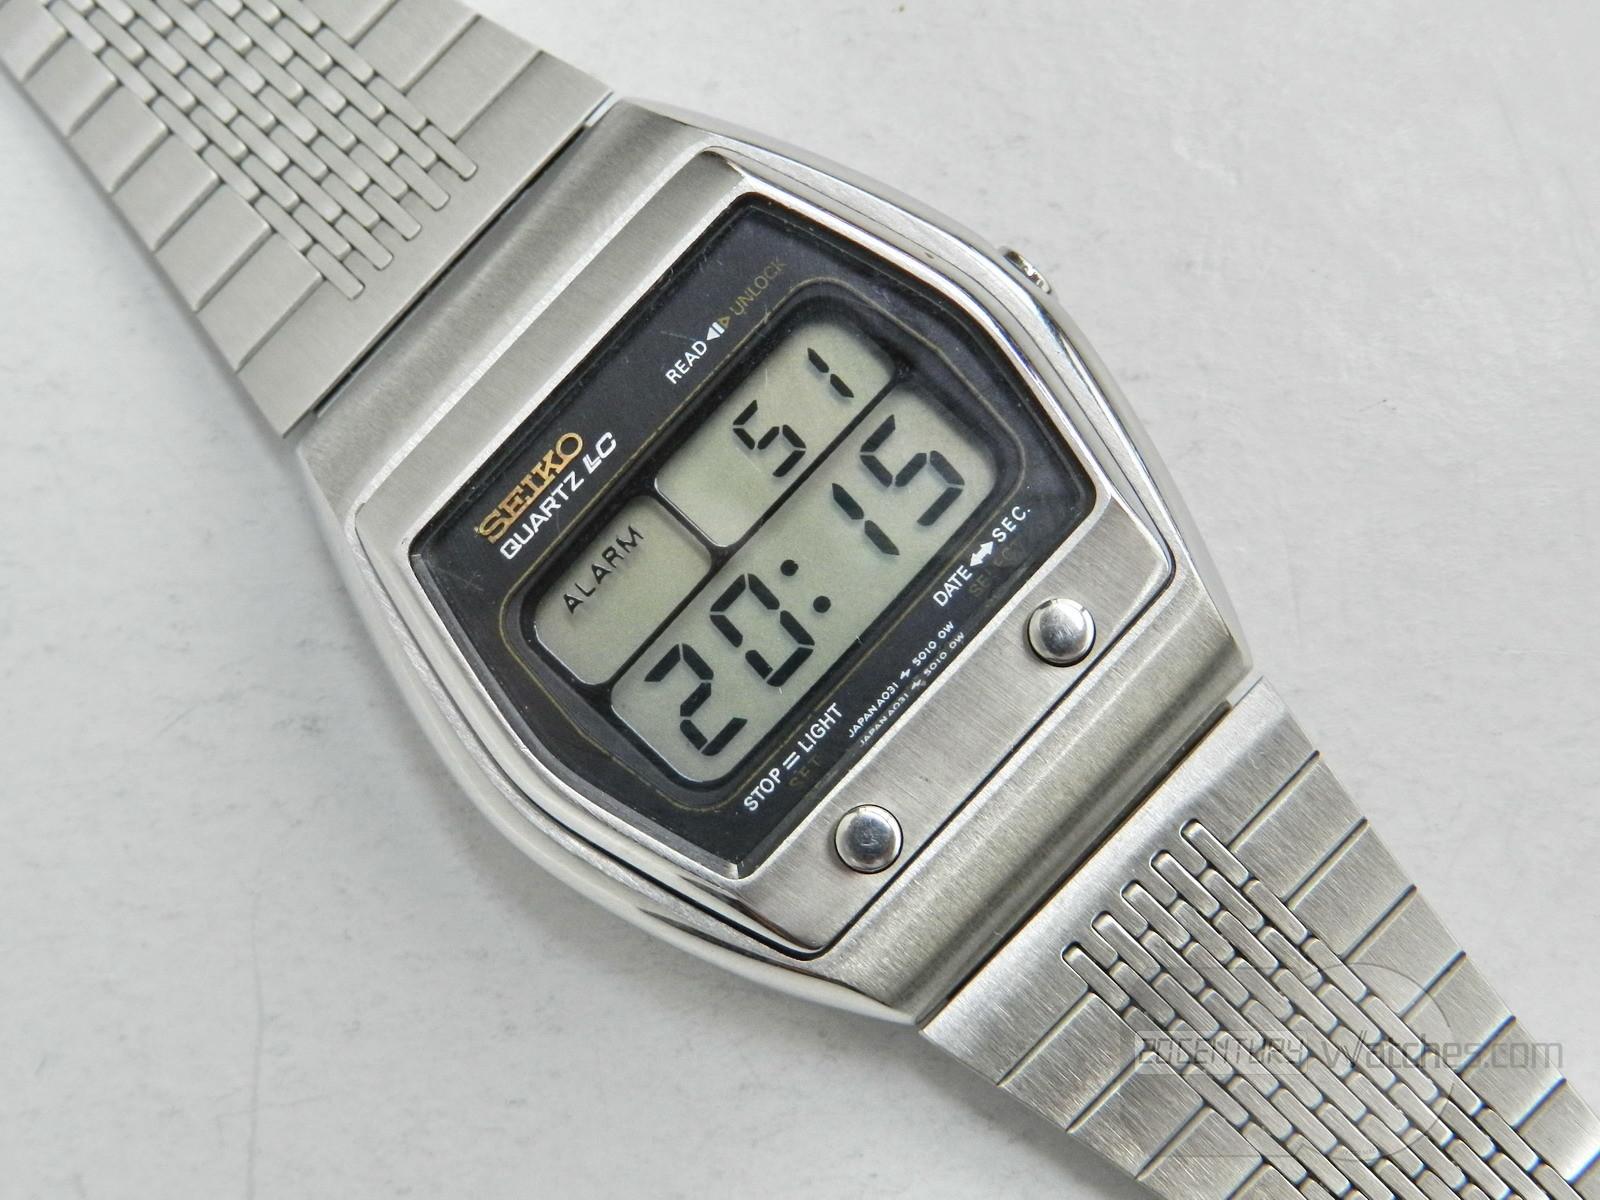 Seiko A031-5019 (first Seiko alarm watch)